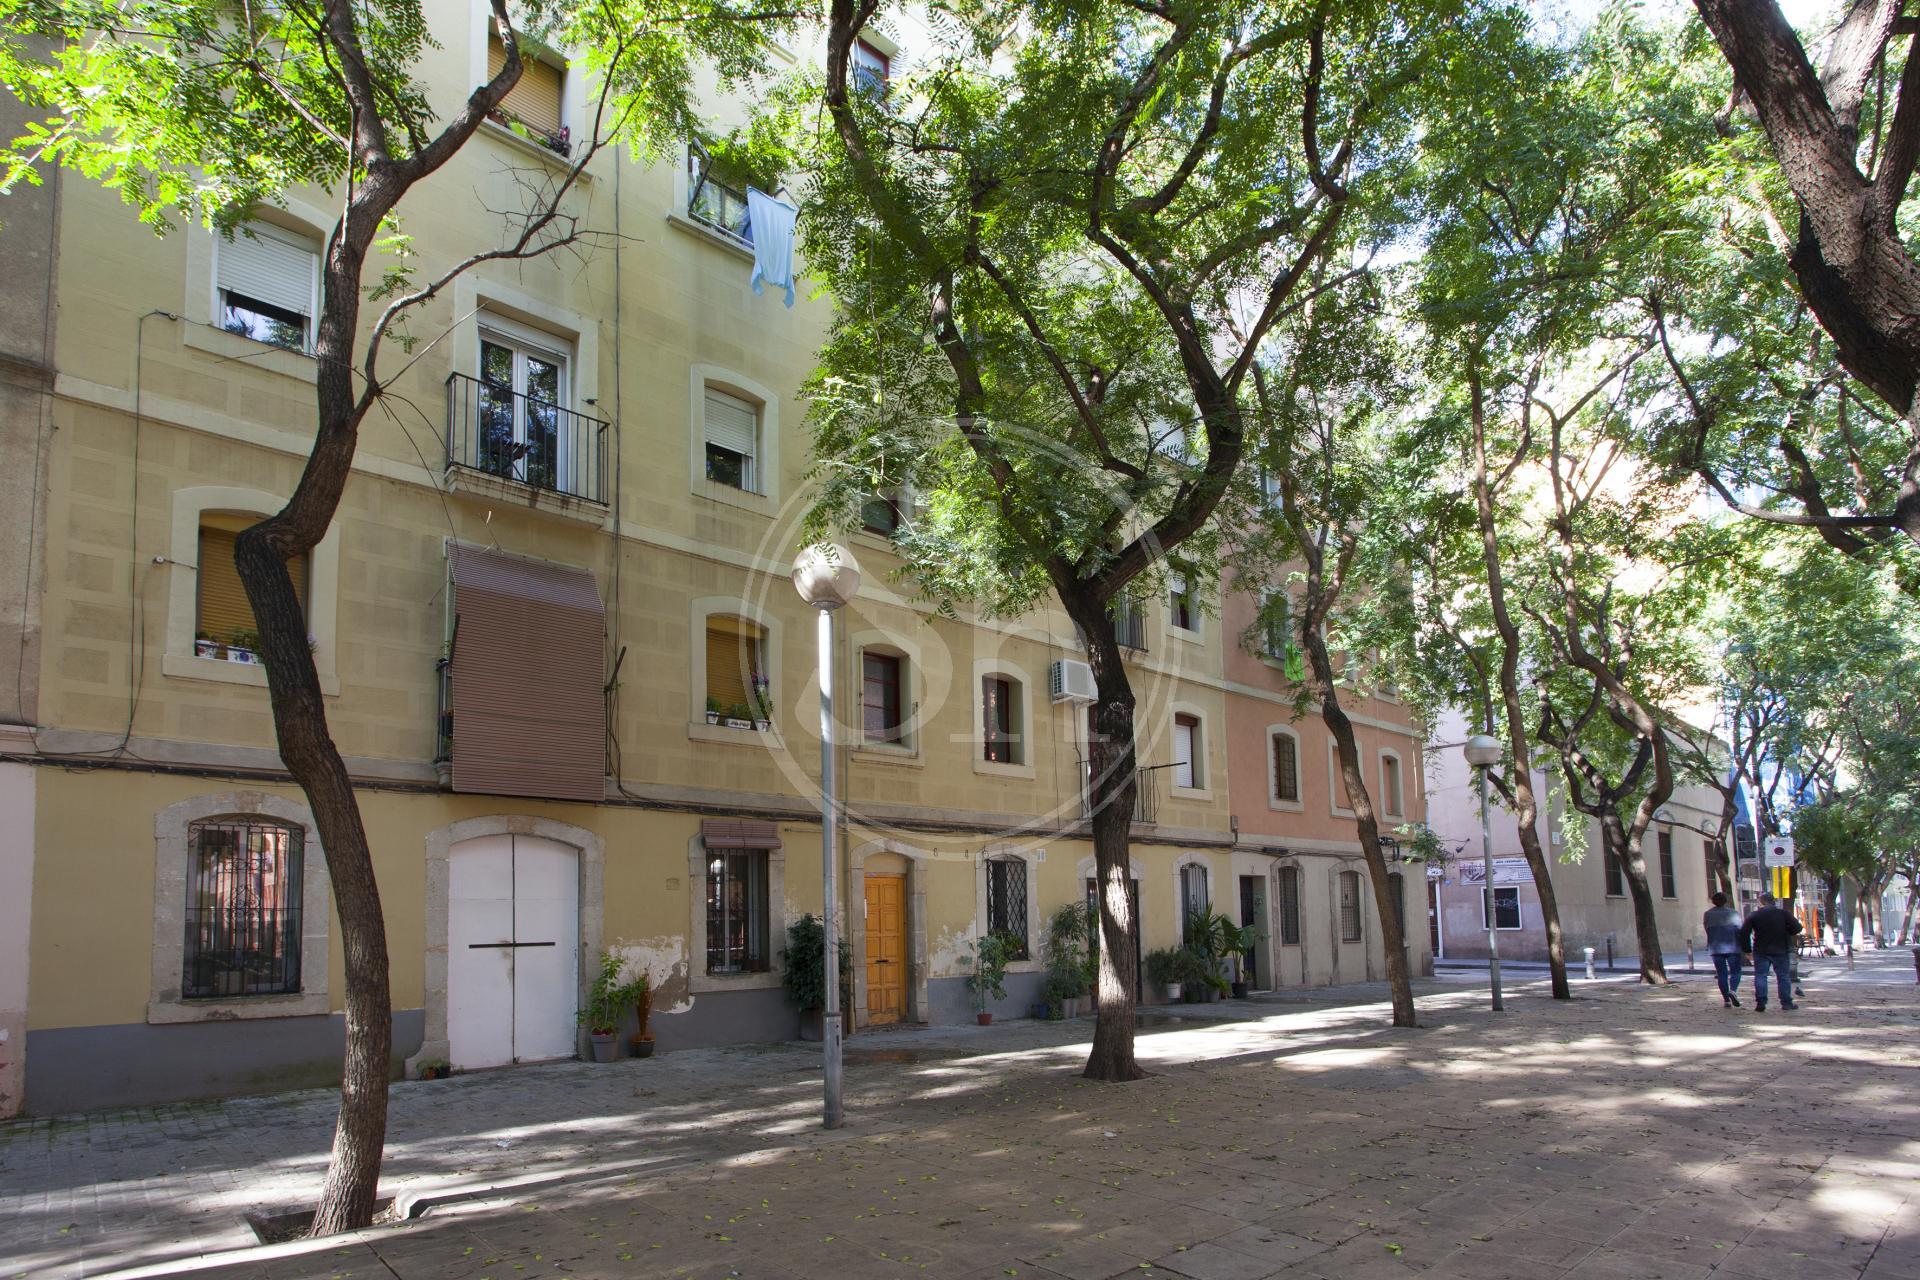 Pis en lloguer barcelona ciutat vella gine i partagas ginebra - Lloguer pis barcelona particular ...